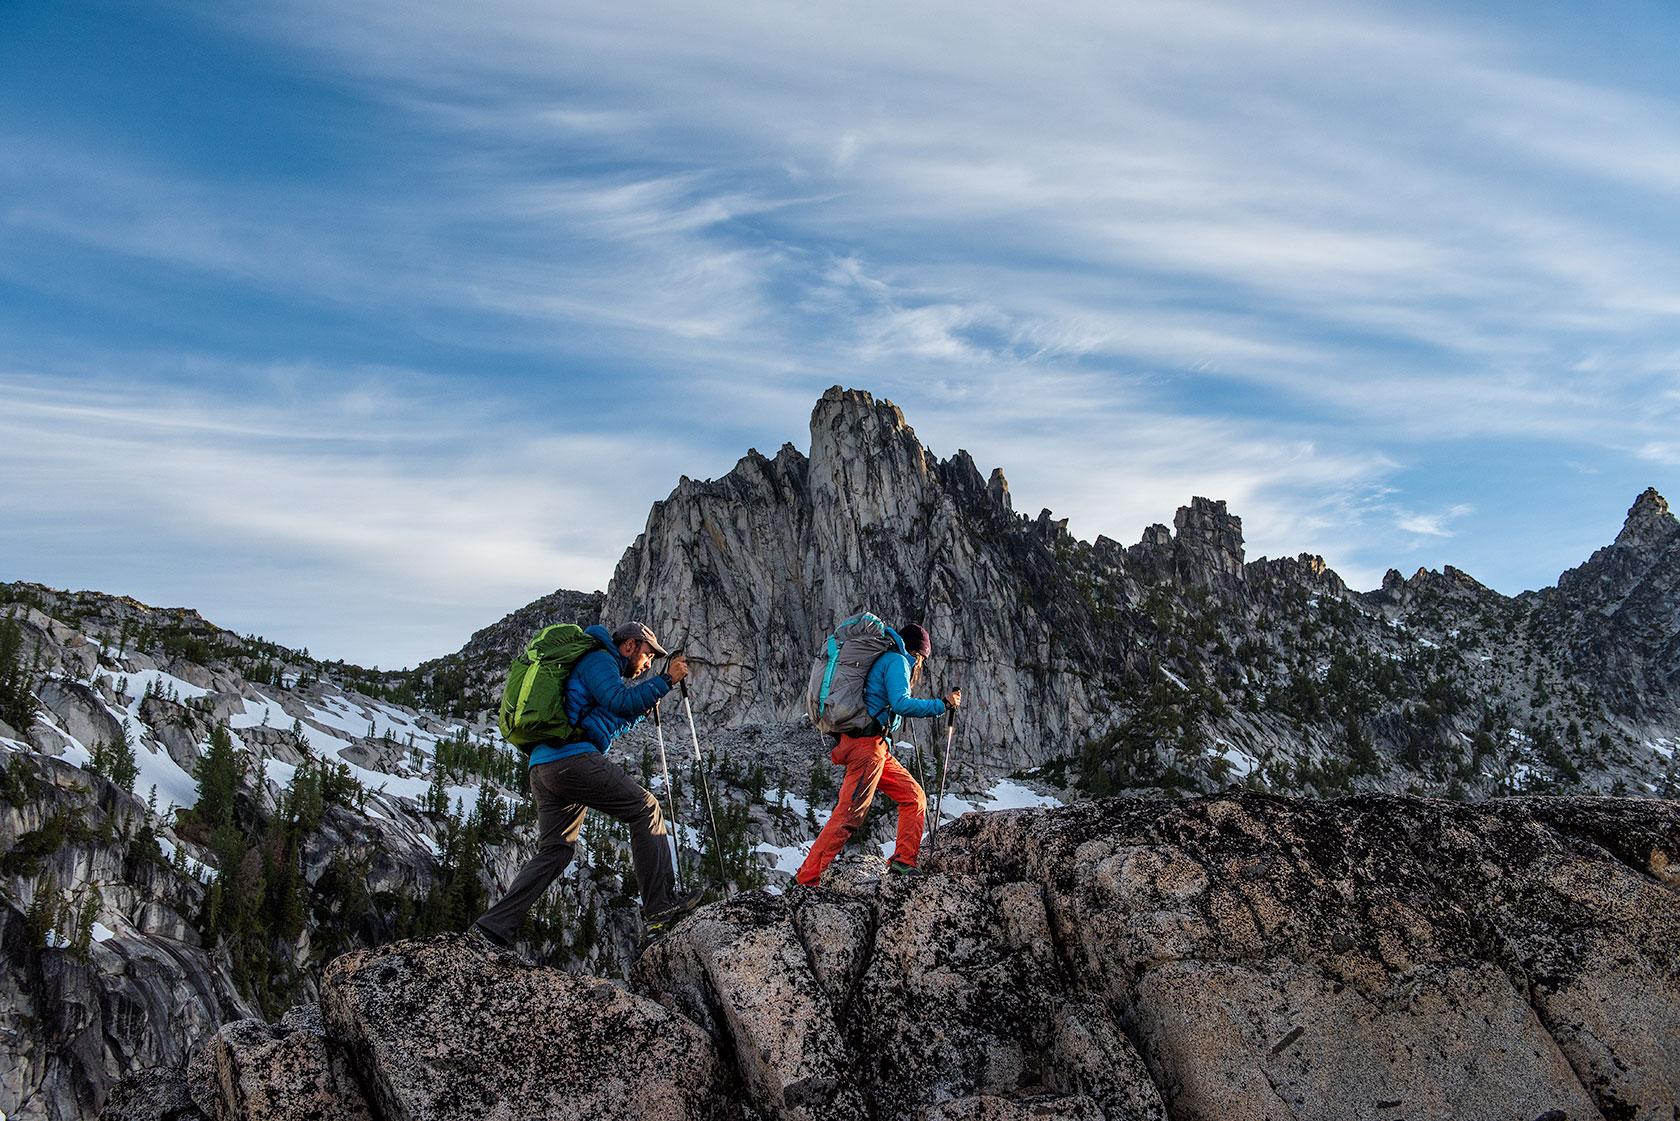 austin-trigg-osprey-hiking-backpacks-camping-adventure-washington-clouds-lifestyle-morning-sunrise-product.jpg